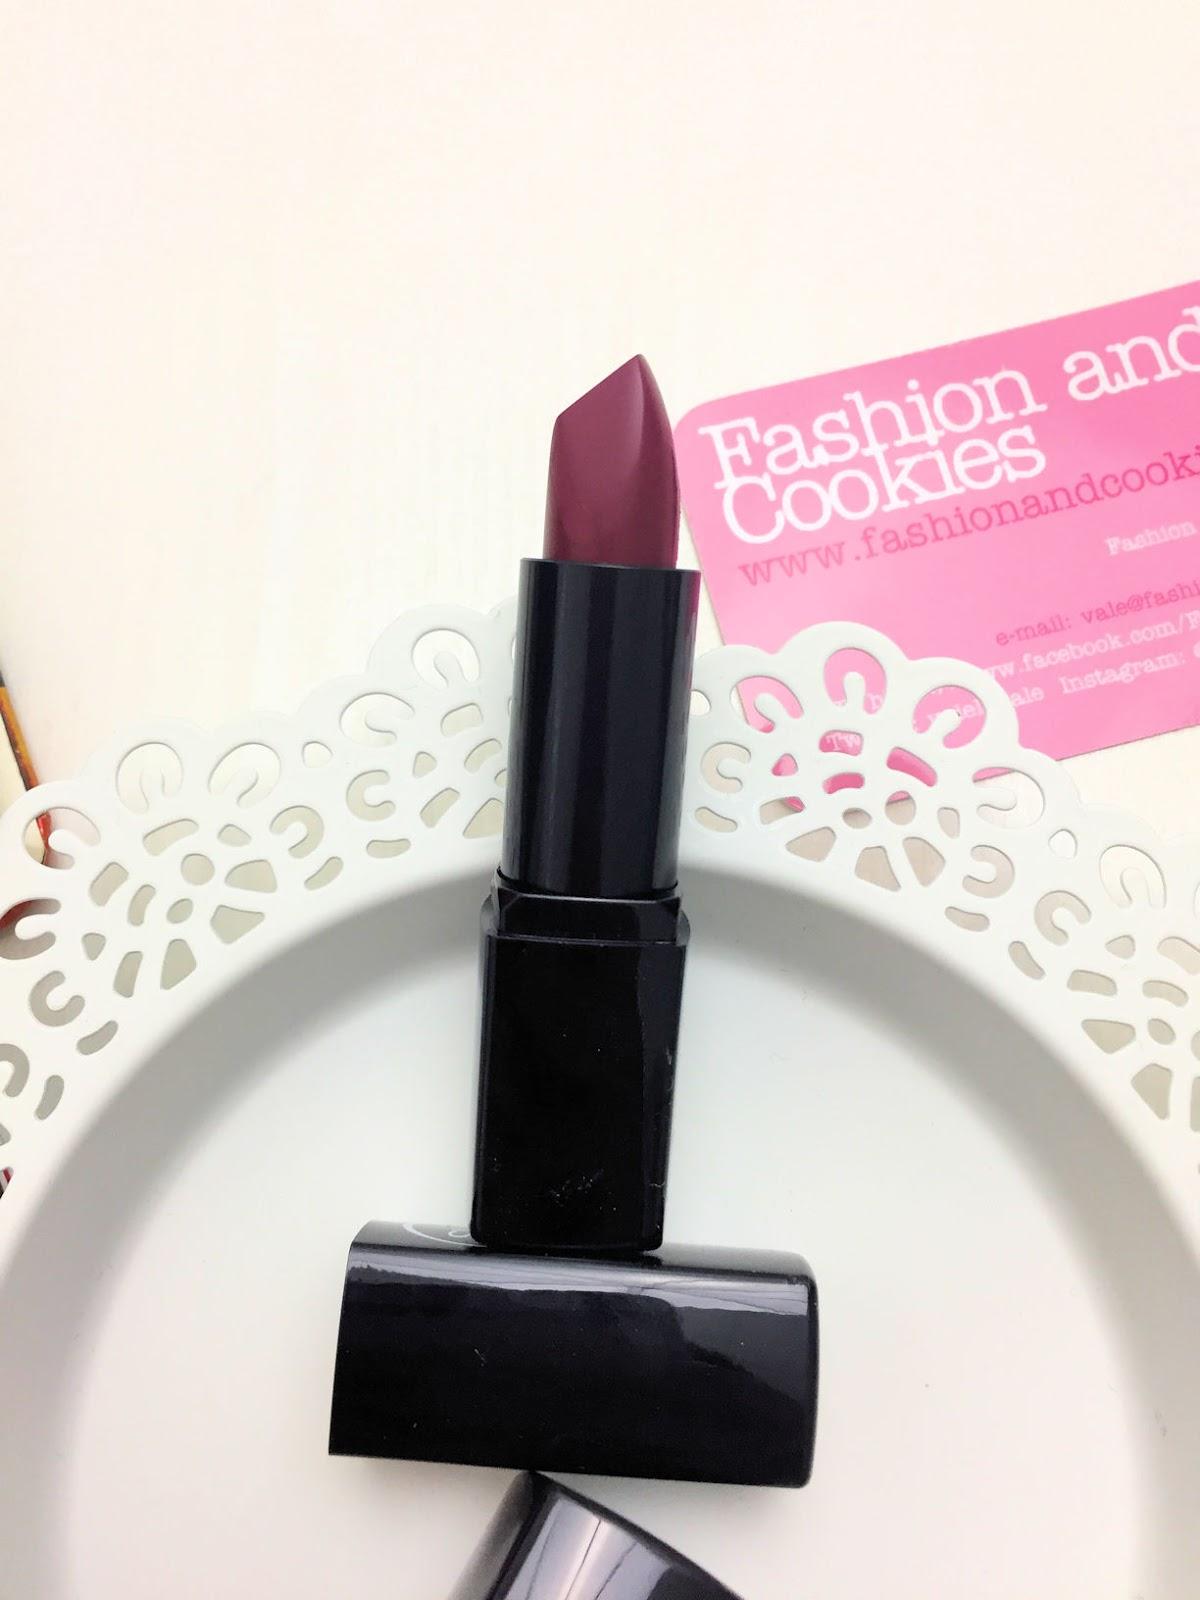 TNS Firenze collezione POP Divina smalto e rossetto su Fashion and Cookies fashion blog, beauty blogger